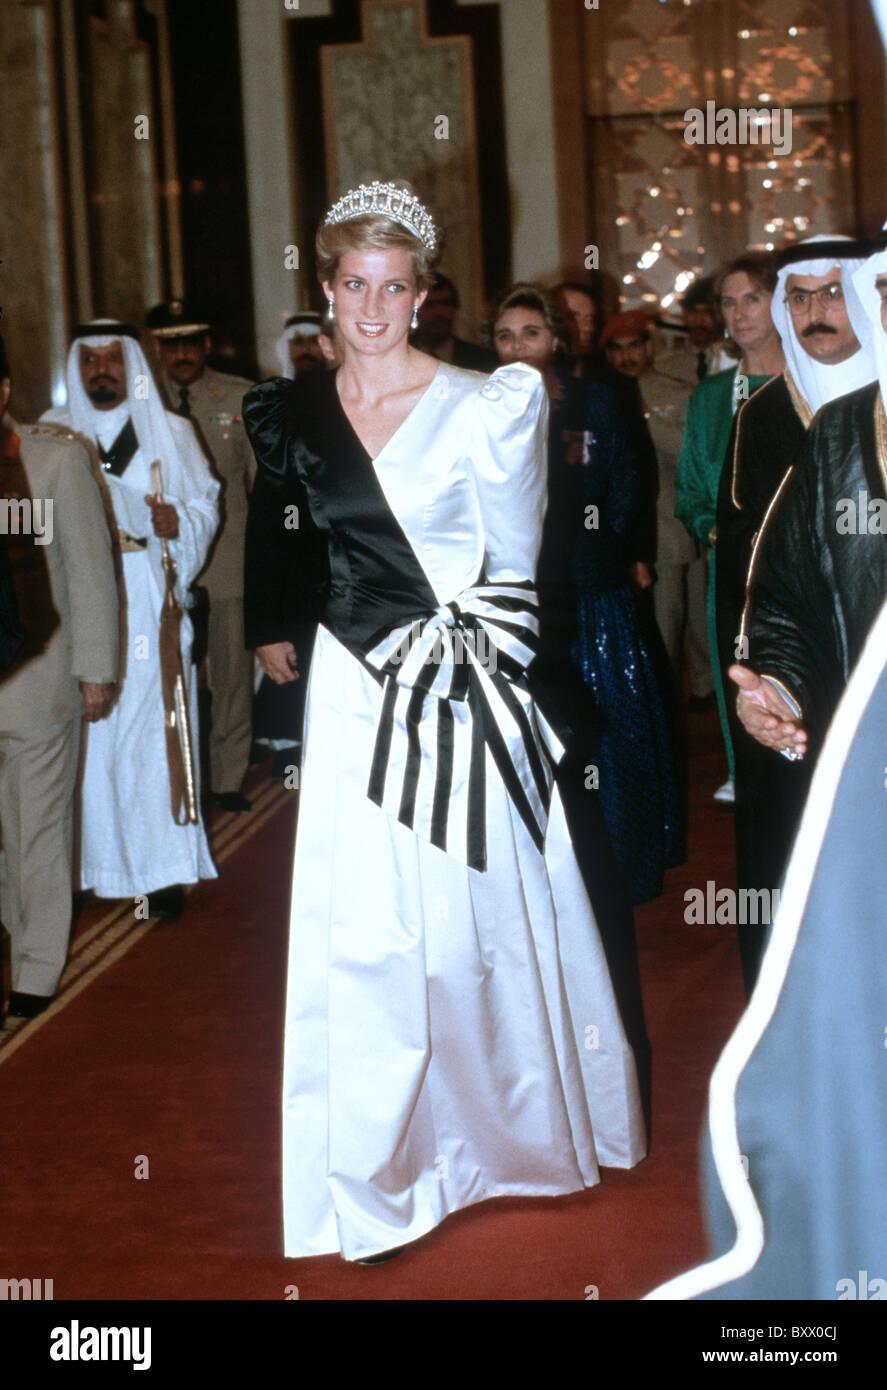 Princess Of Saudi Royal Family Stock Photos & Princess Of